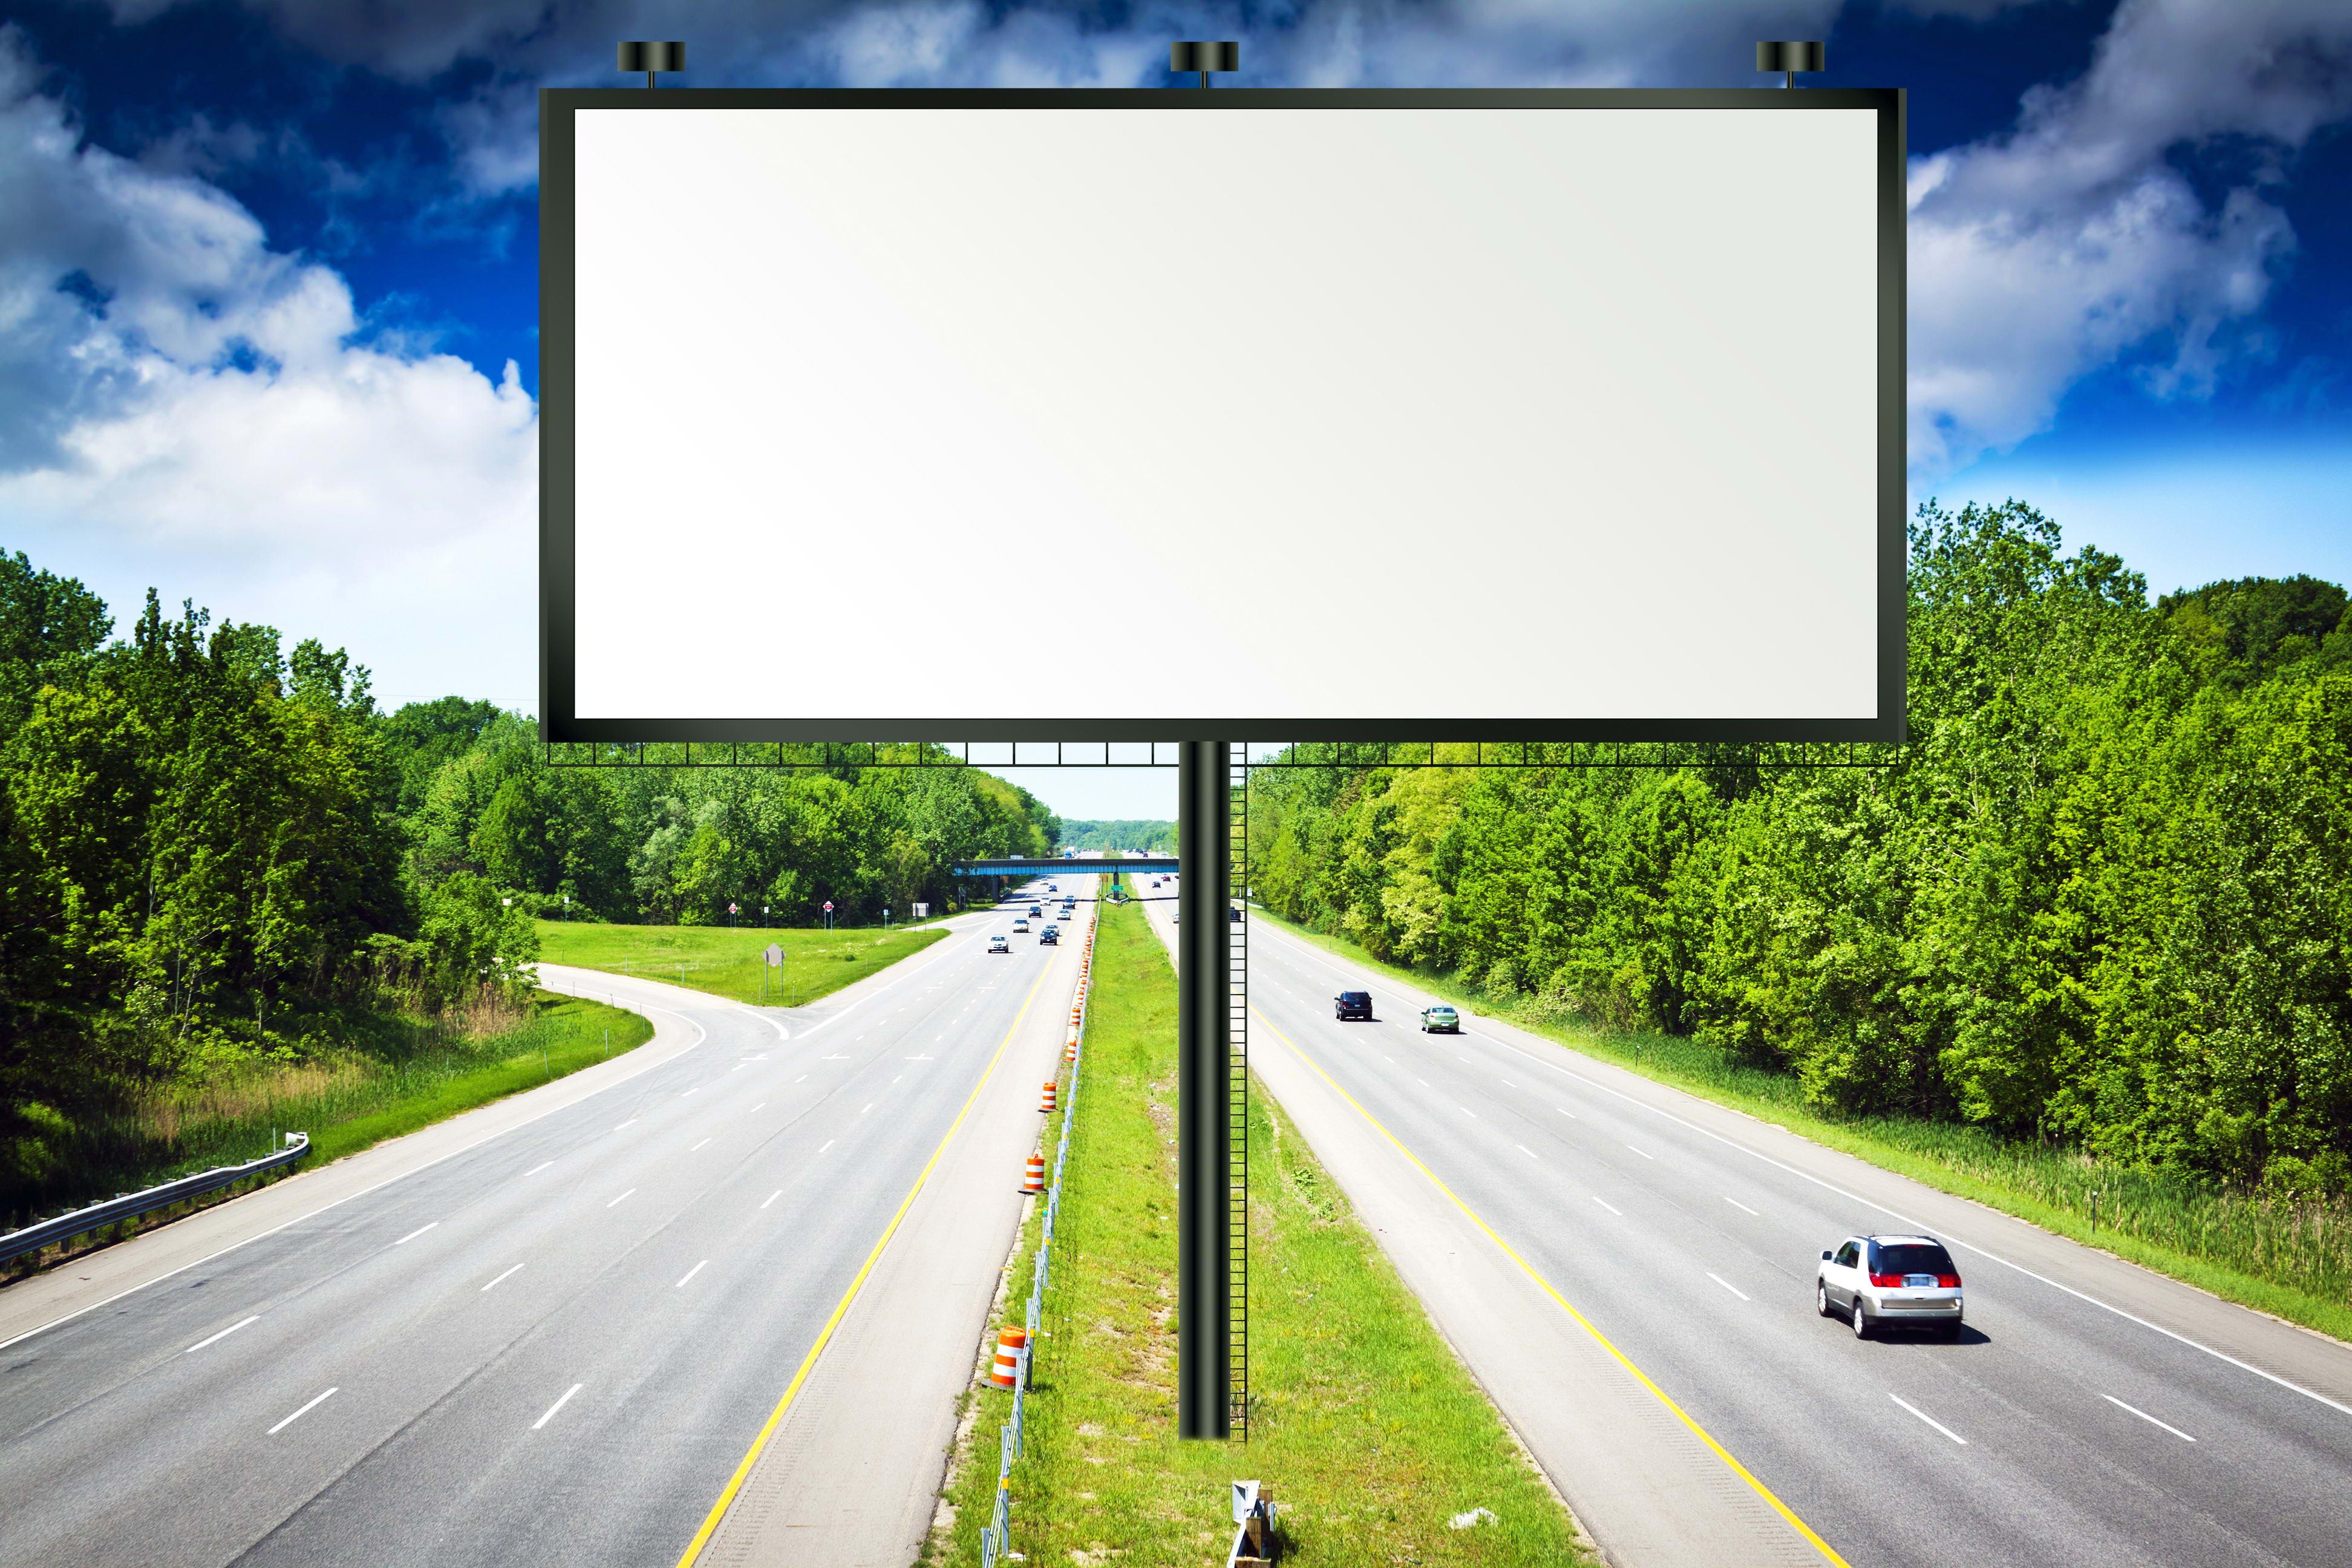 Билборд: преимущество такого рода рекламы